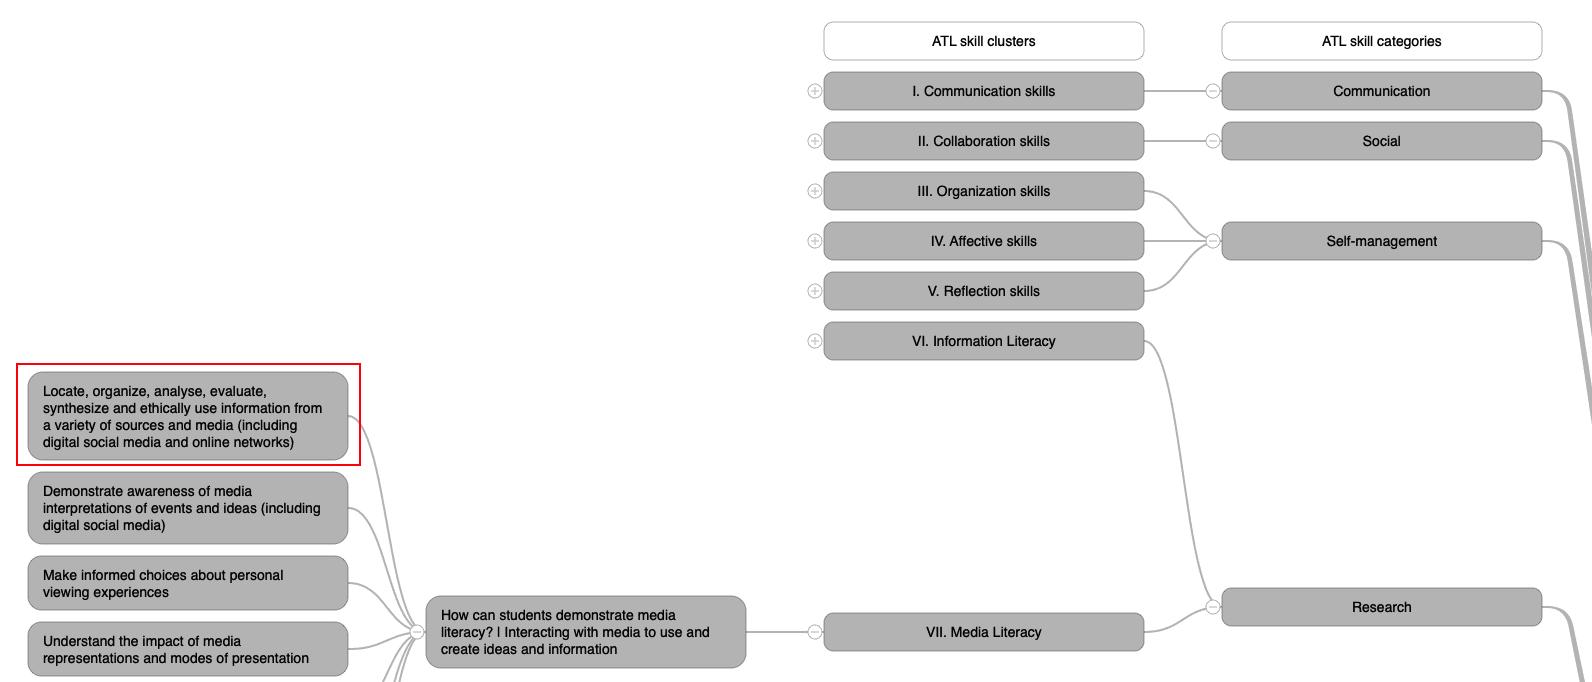 ATL Complex Skill